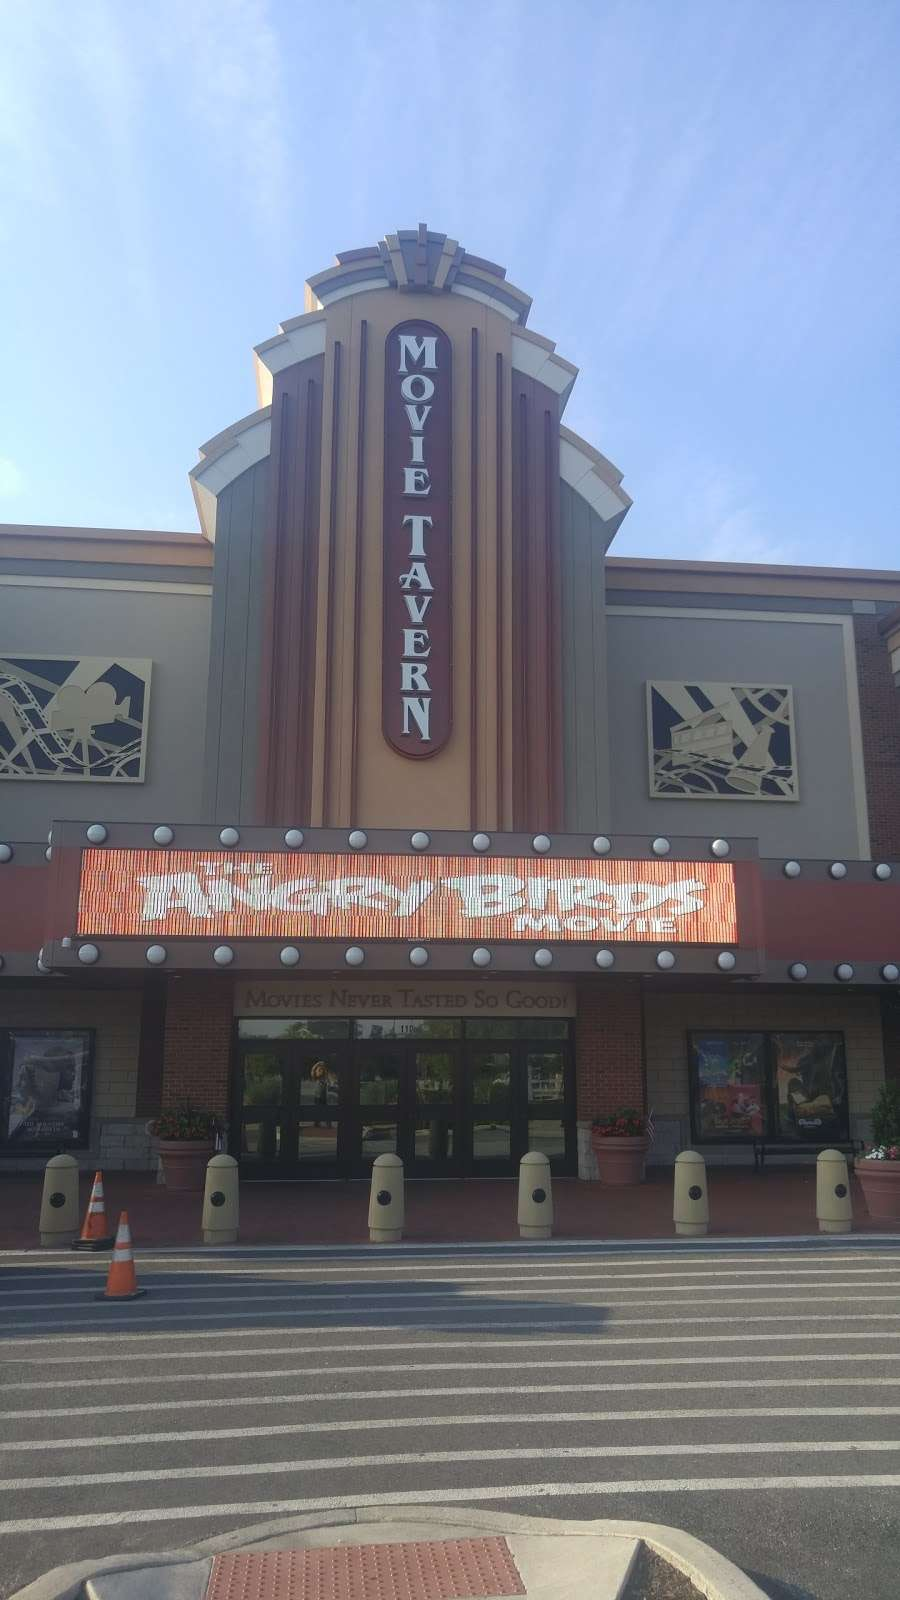 Movie Tavern Exton Movie Theater 110 Bartlett Ave Exton Pa